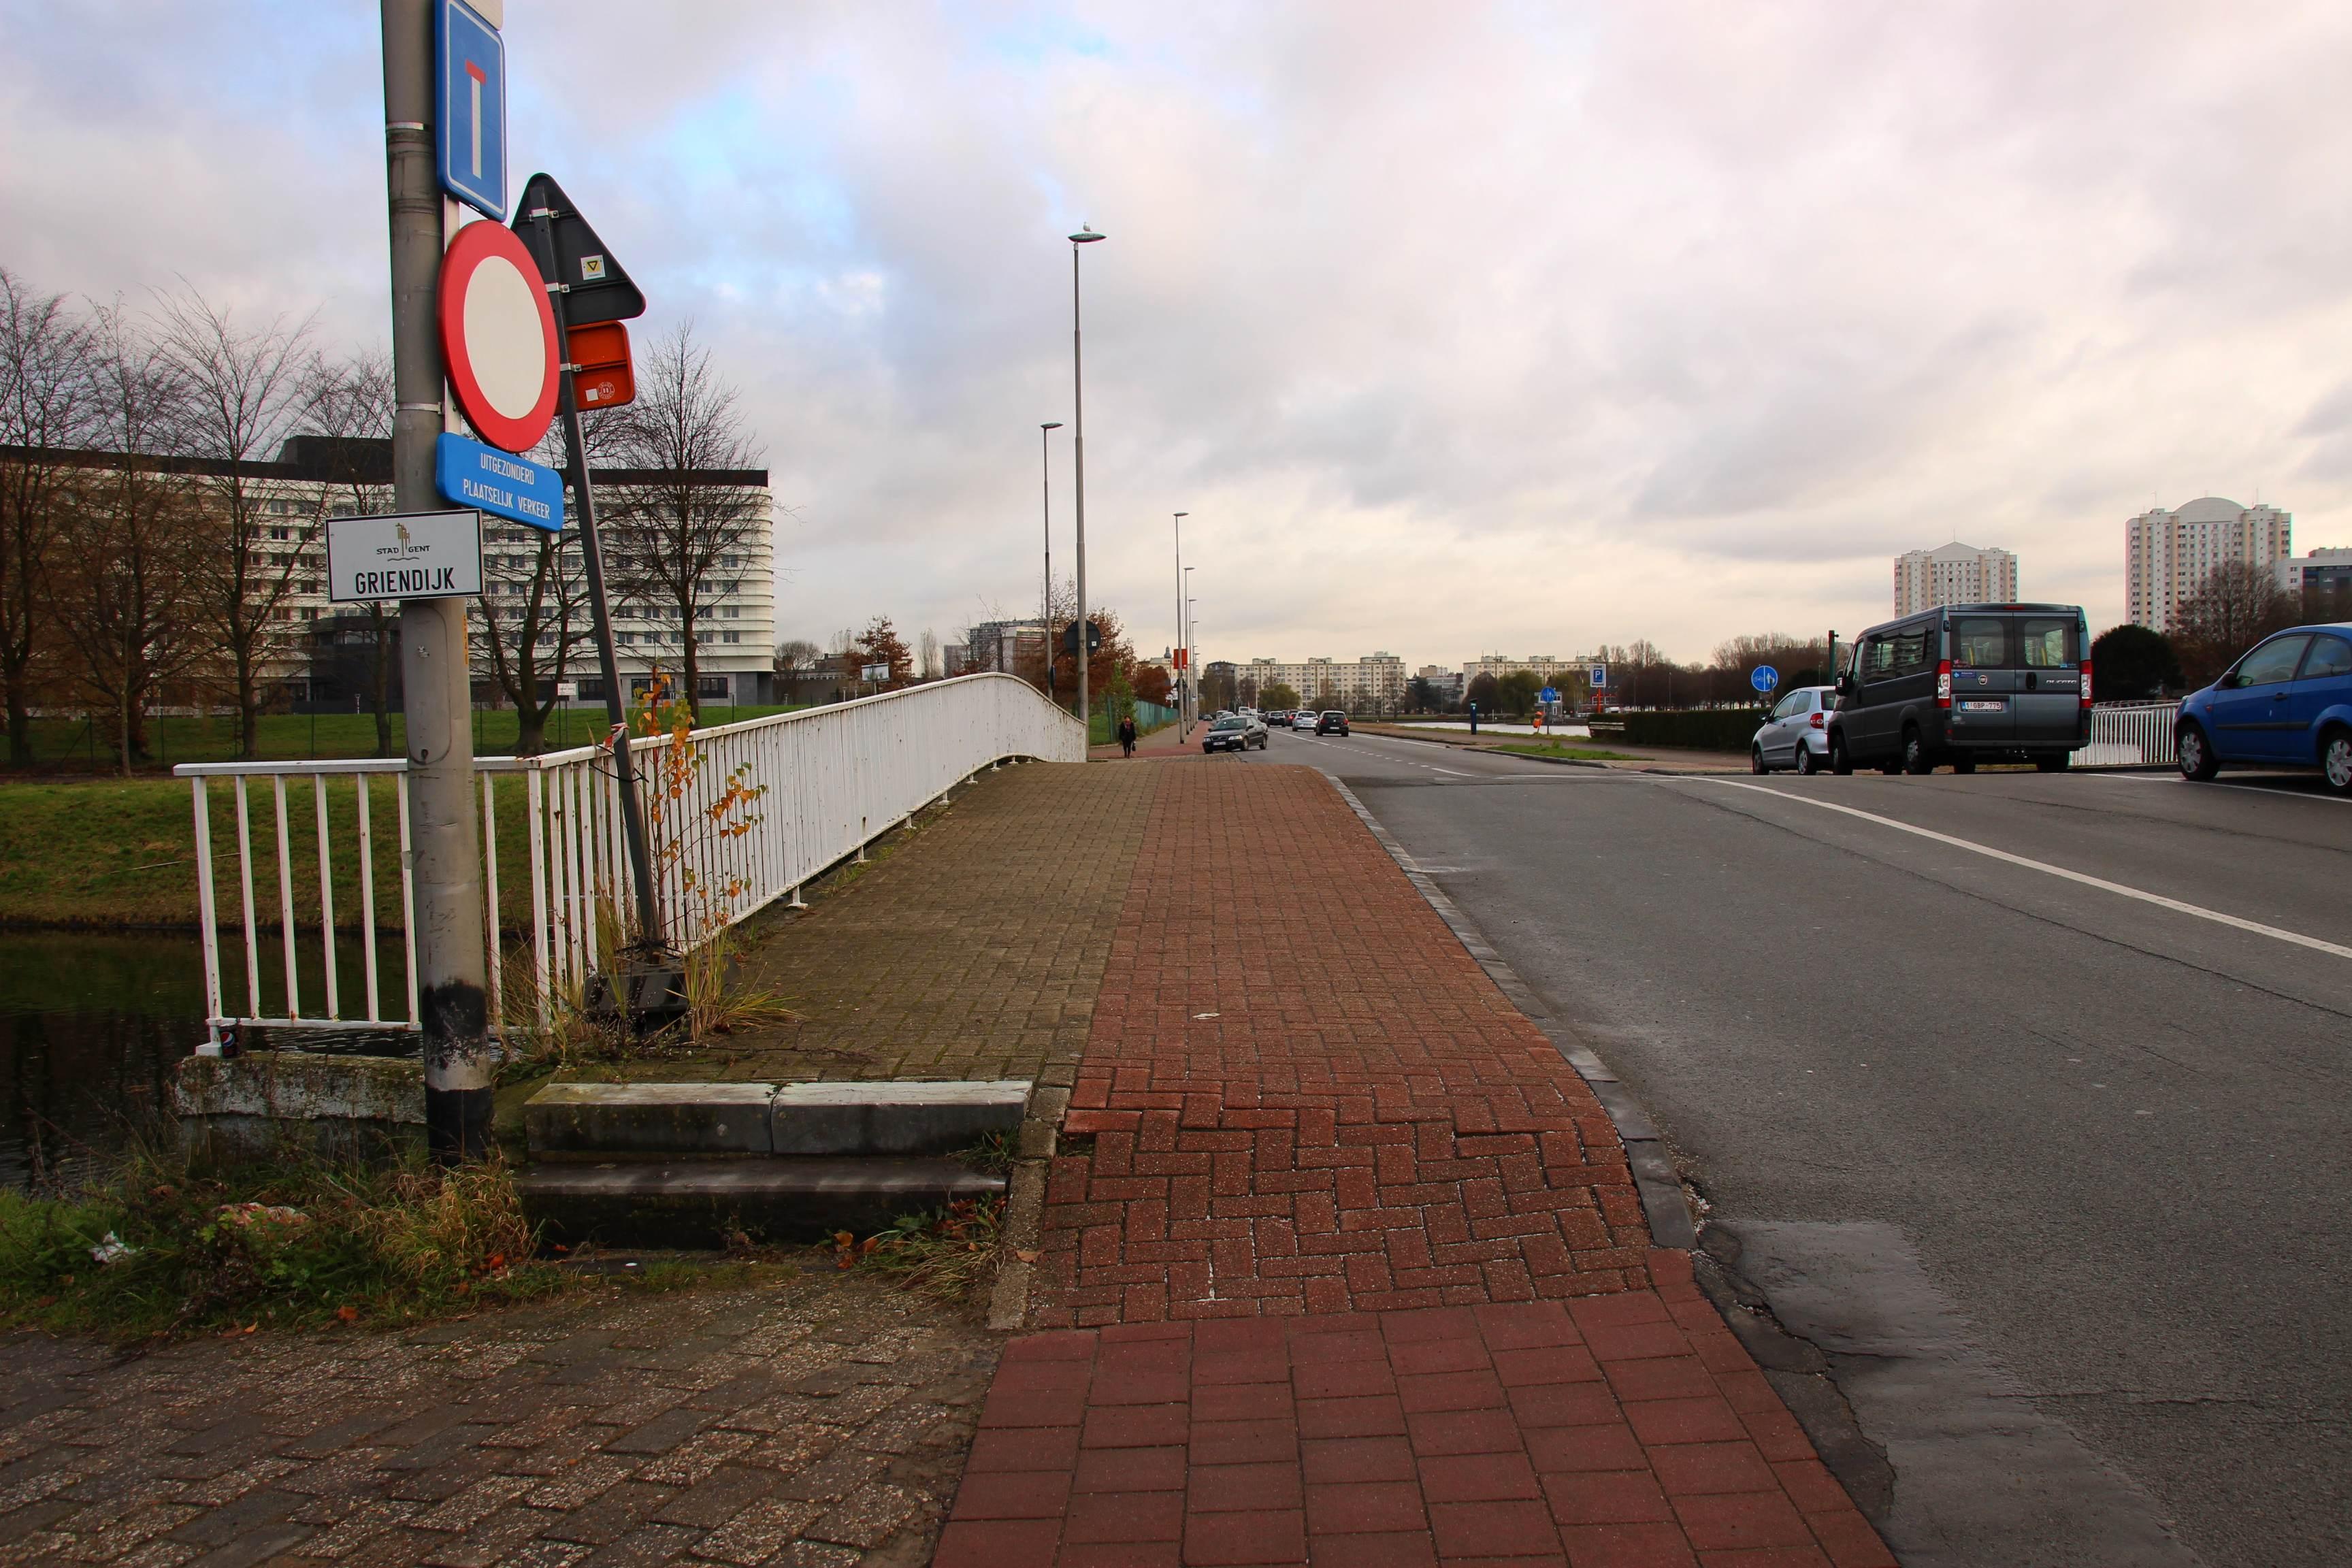 02dec16, Noorderlaan -Griendijk